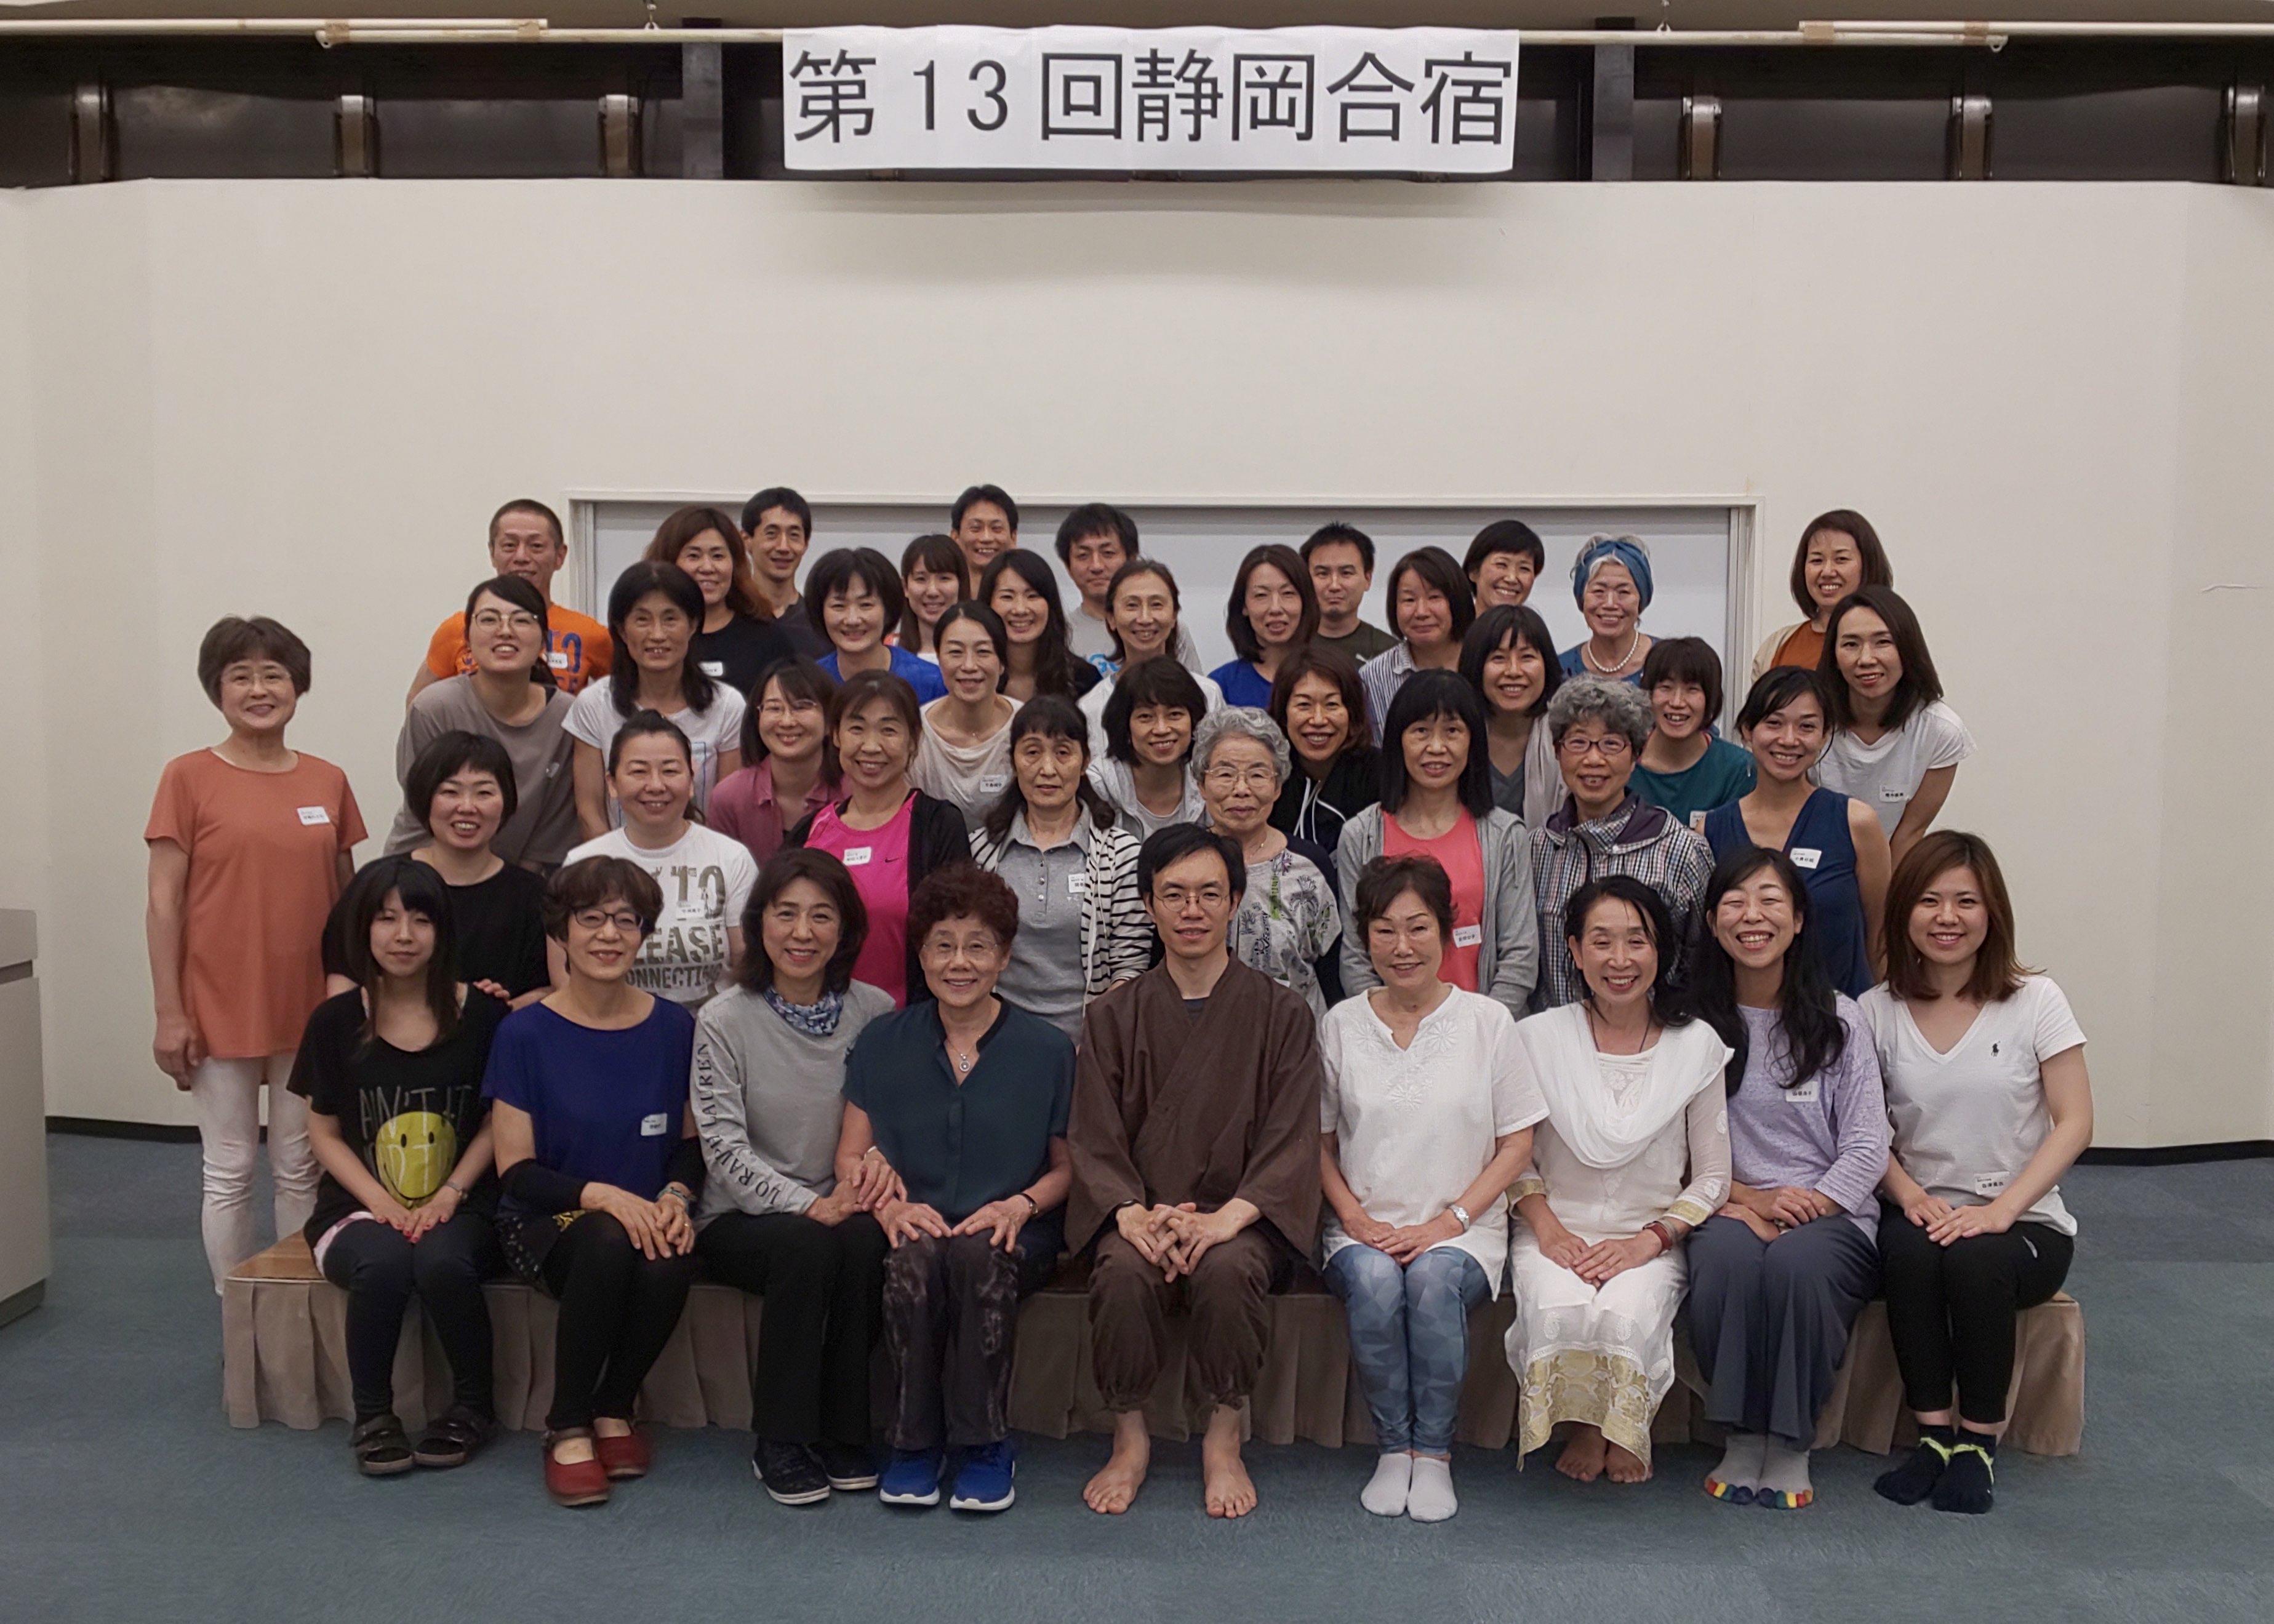 第13回静岡「つま恋リゾート彩の郷」合宿レポート